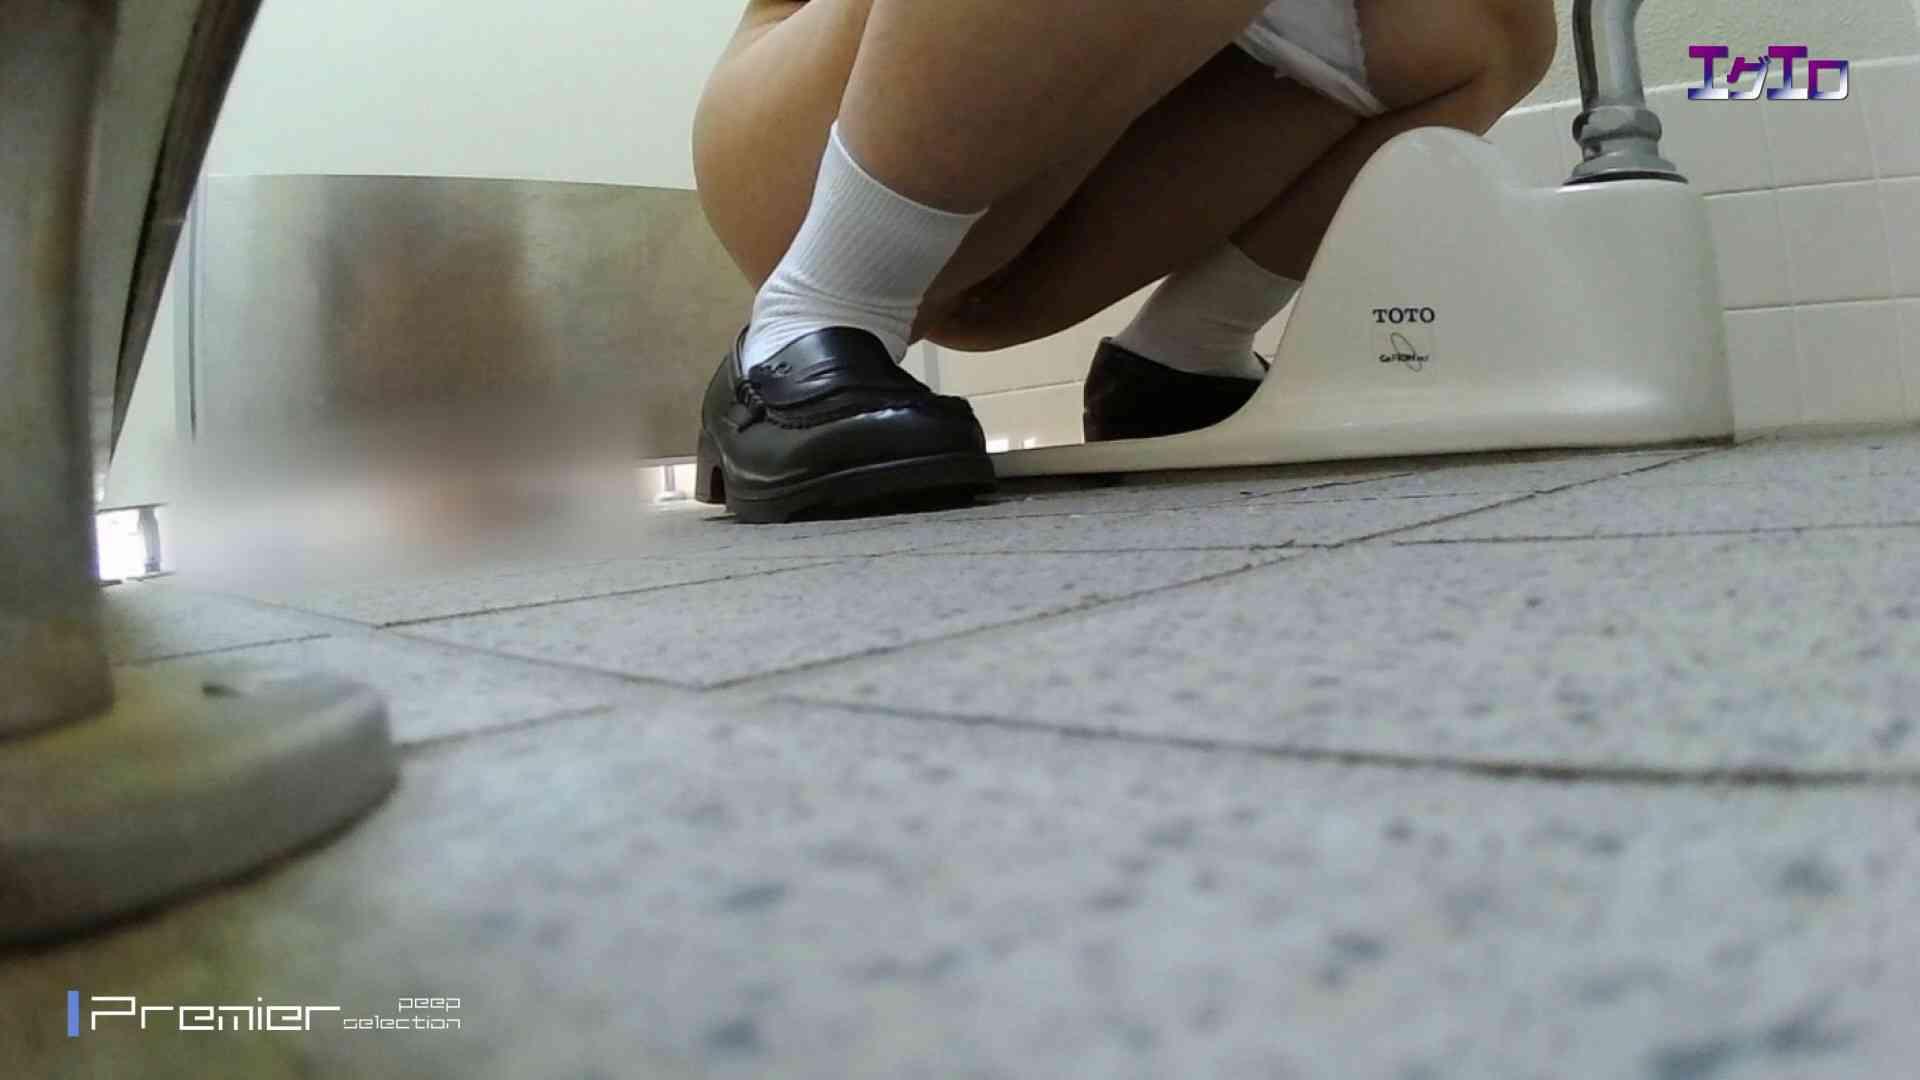 執念の撮影&追撮!!某女子校の通学路にあるトイレ 至近距離洗面所 Vol.16 トイレ  82pic 12